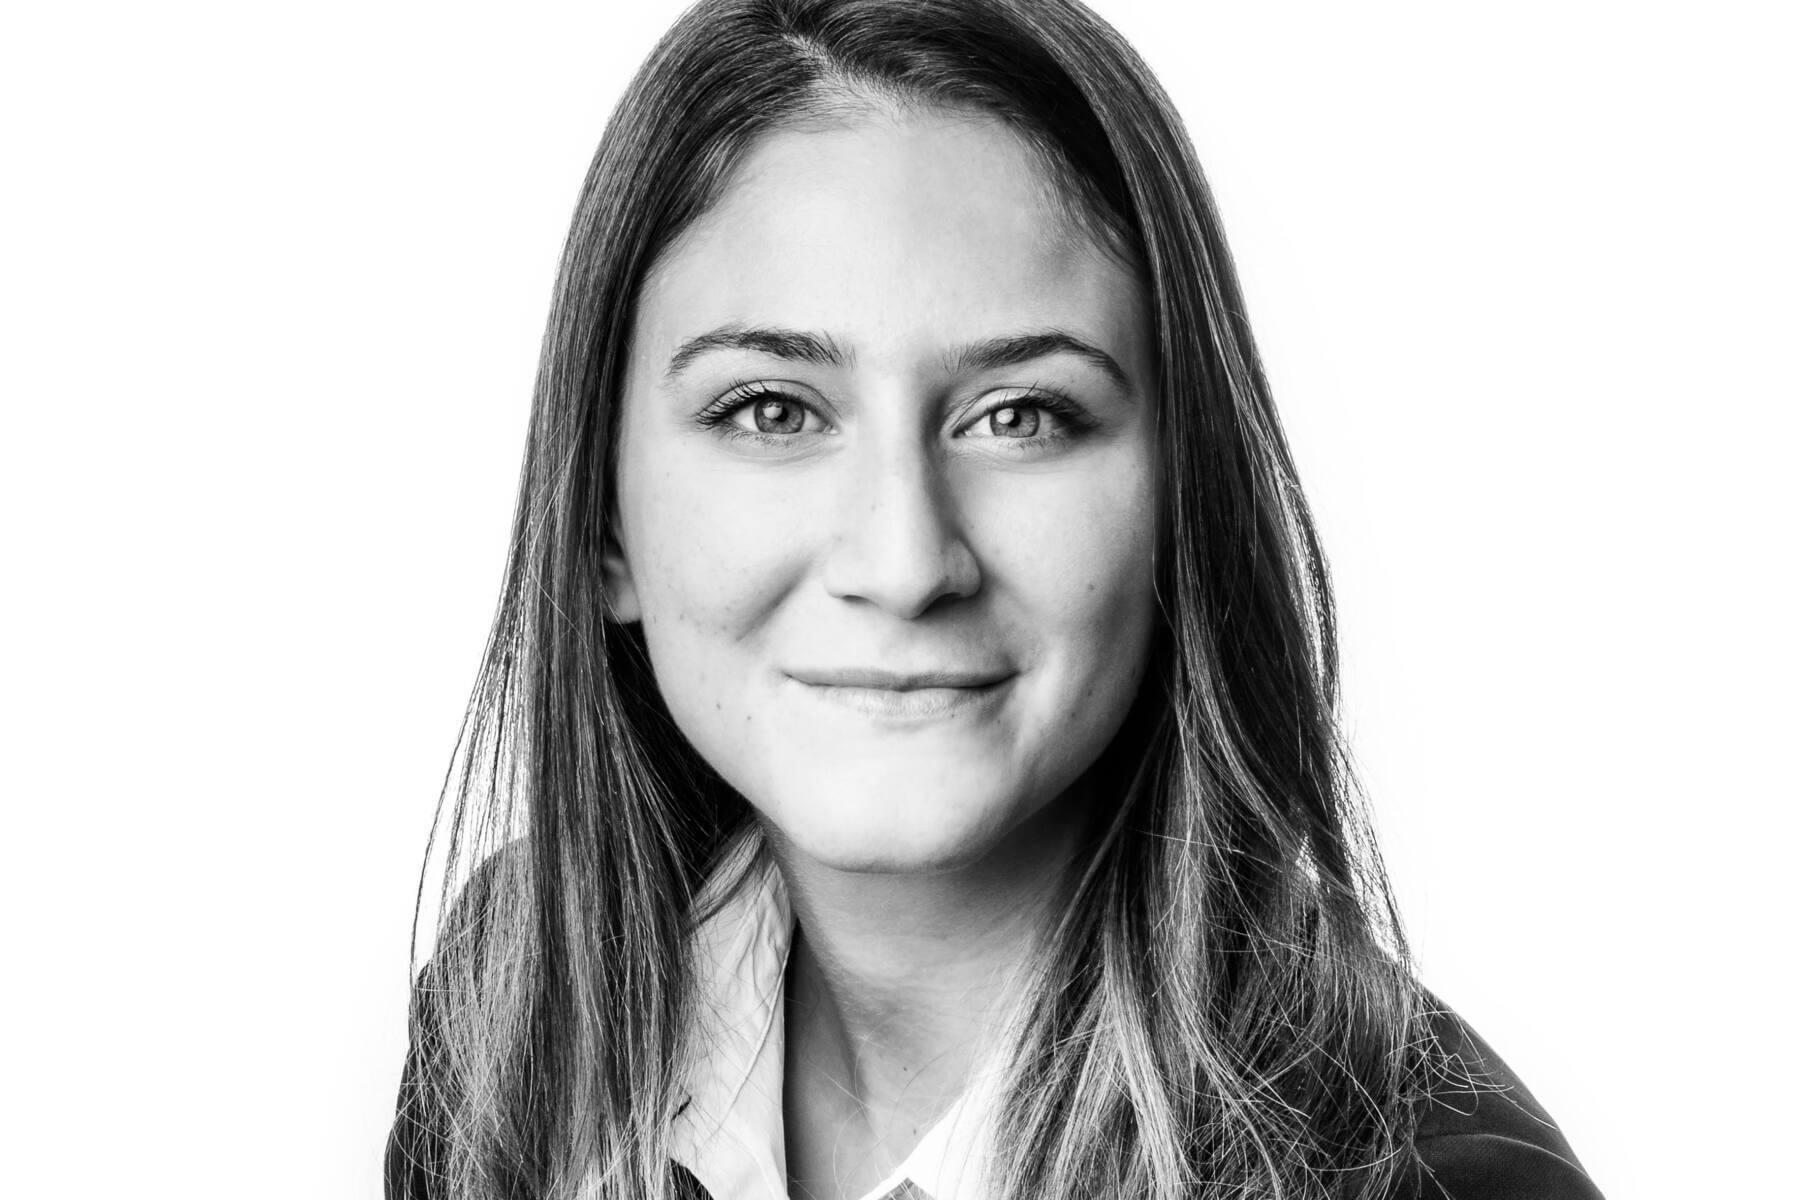 Francesca Severoni